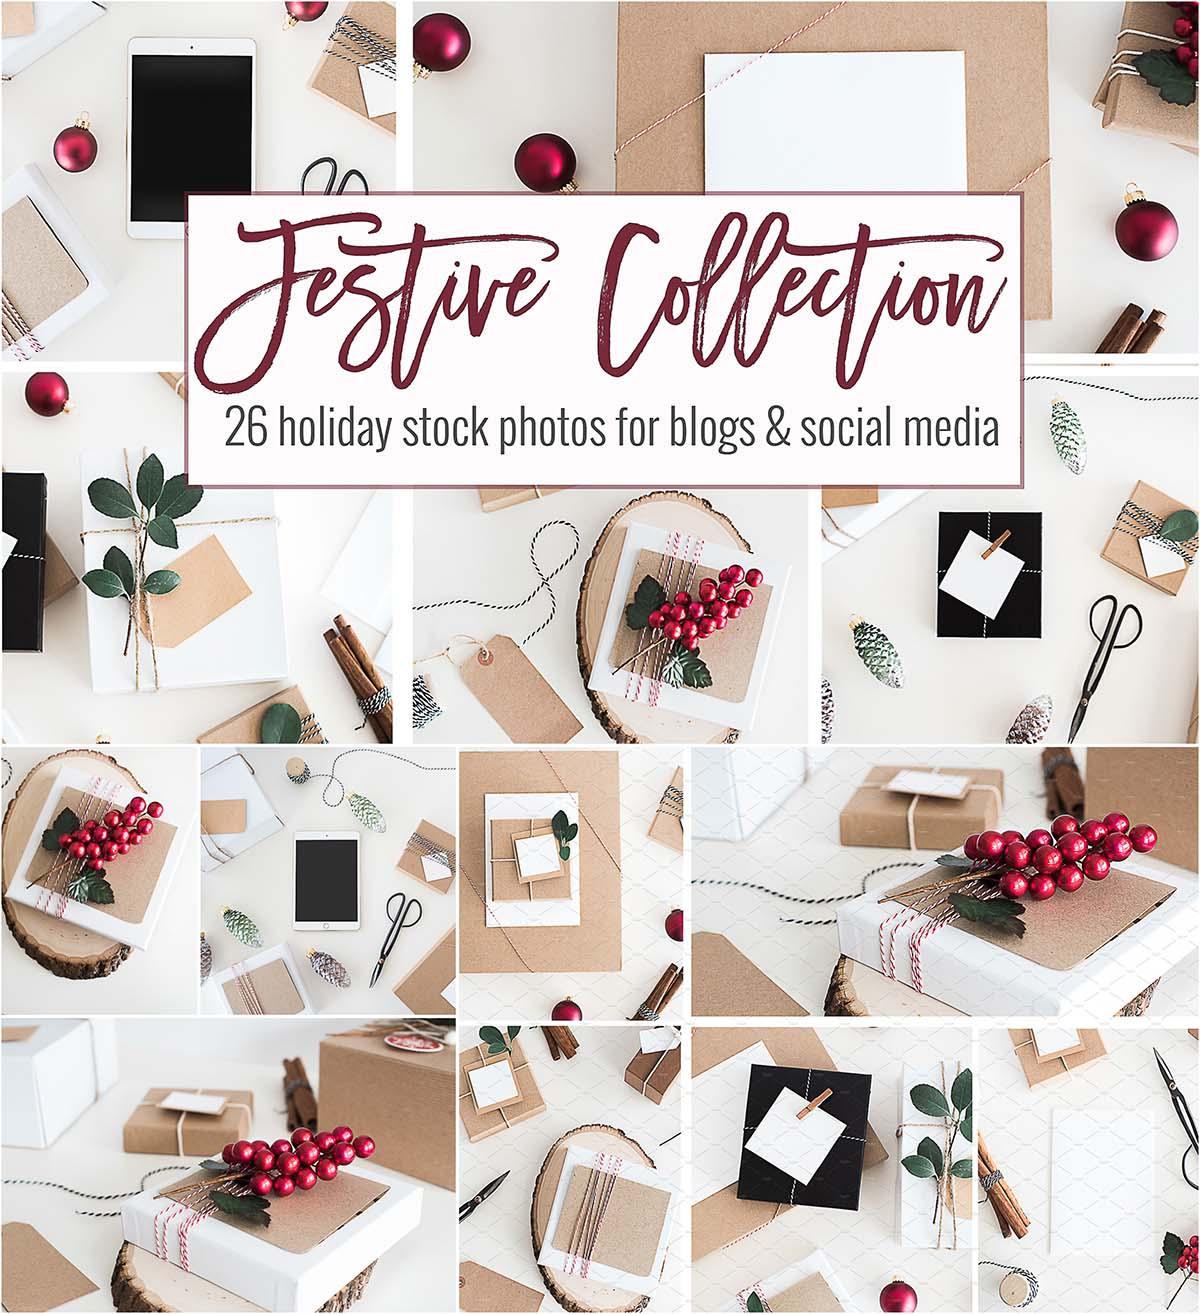 60 Festive Christmas photos